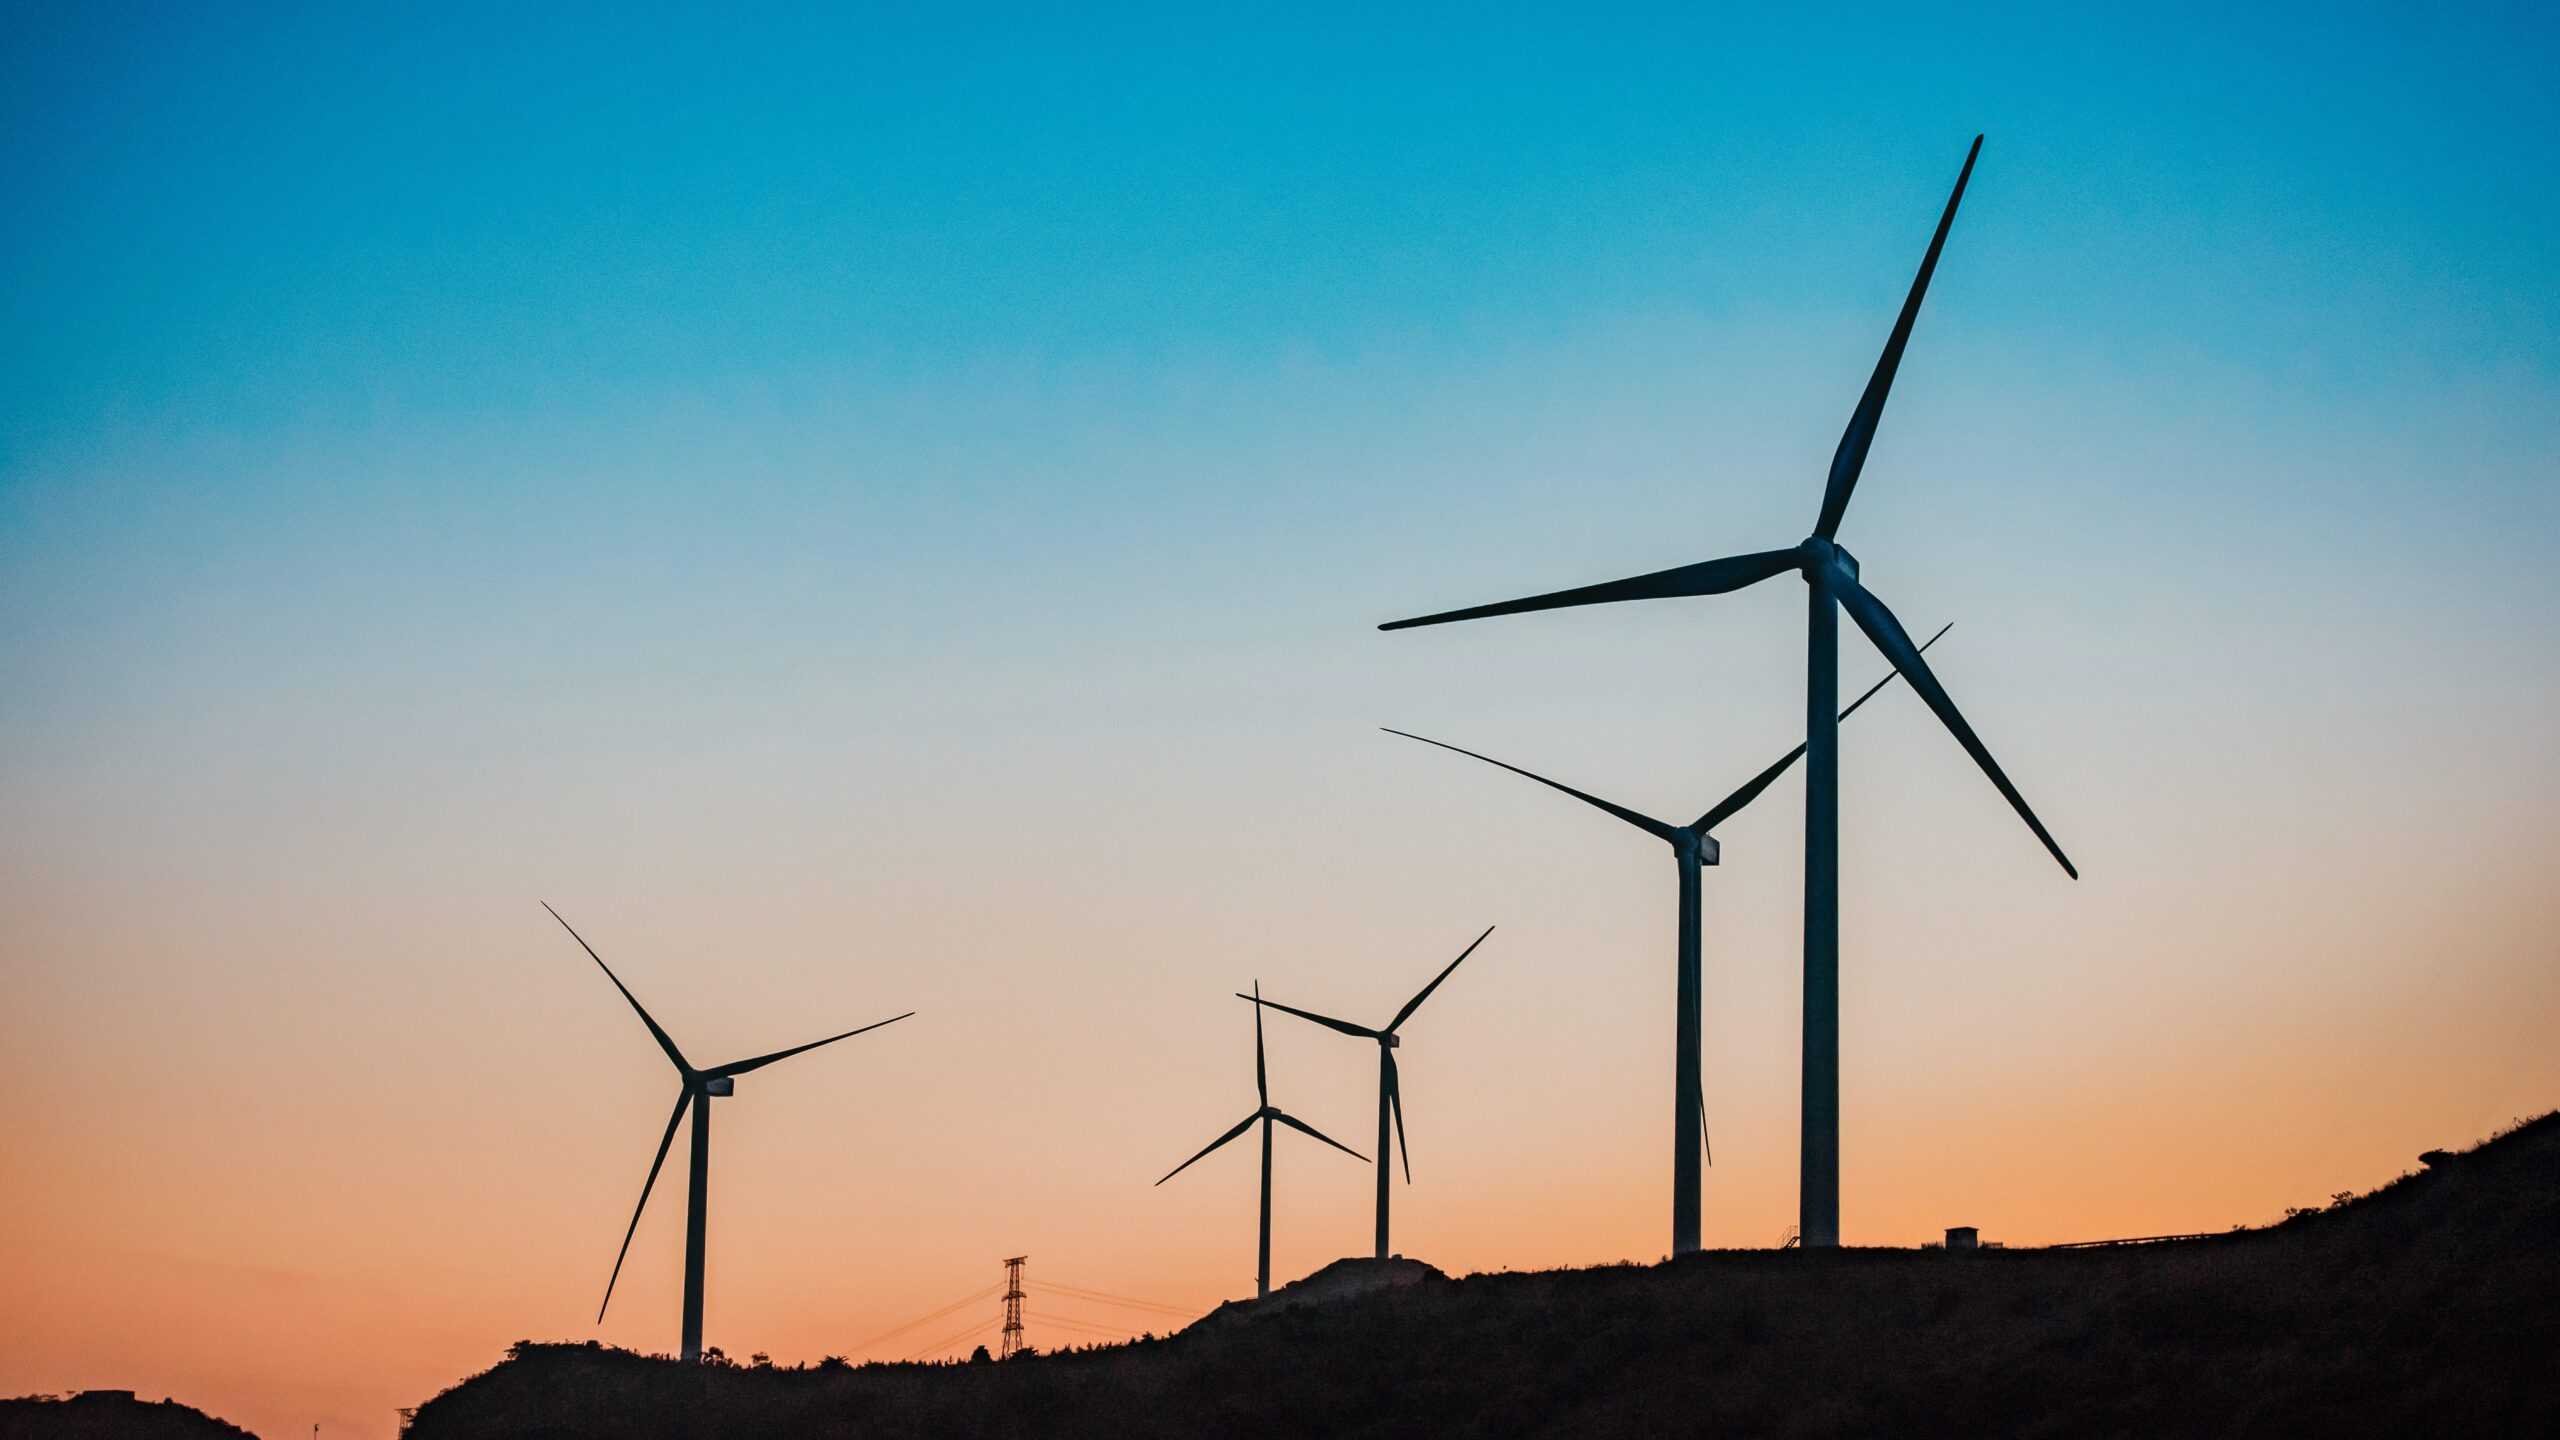 Revela plan de energía de $ 8 mil millones en Colorado anclado por energía renovable